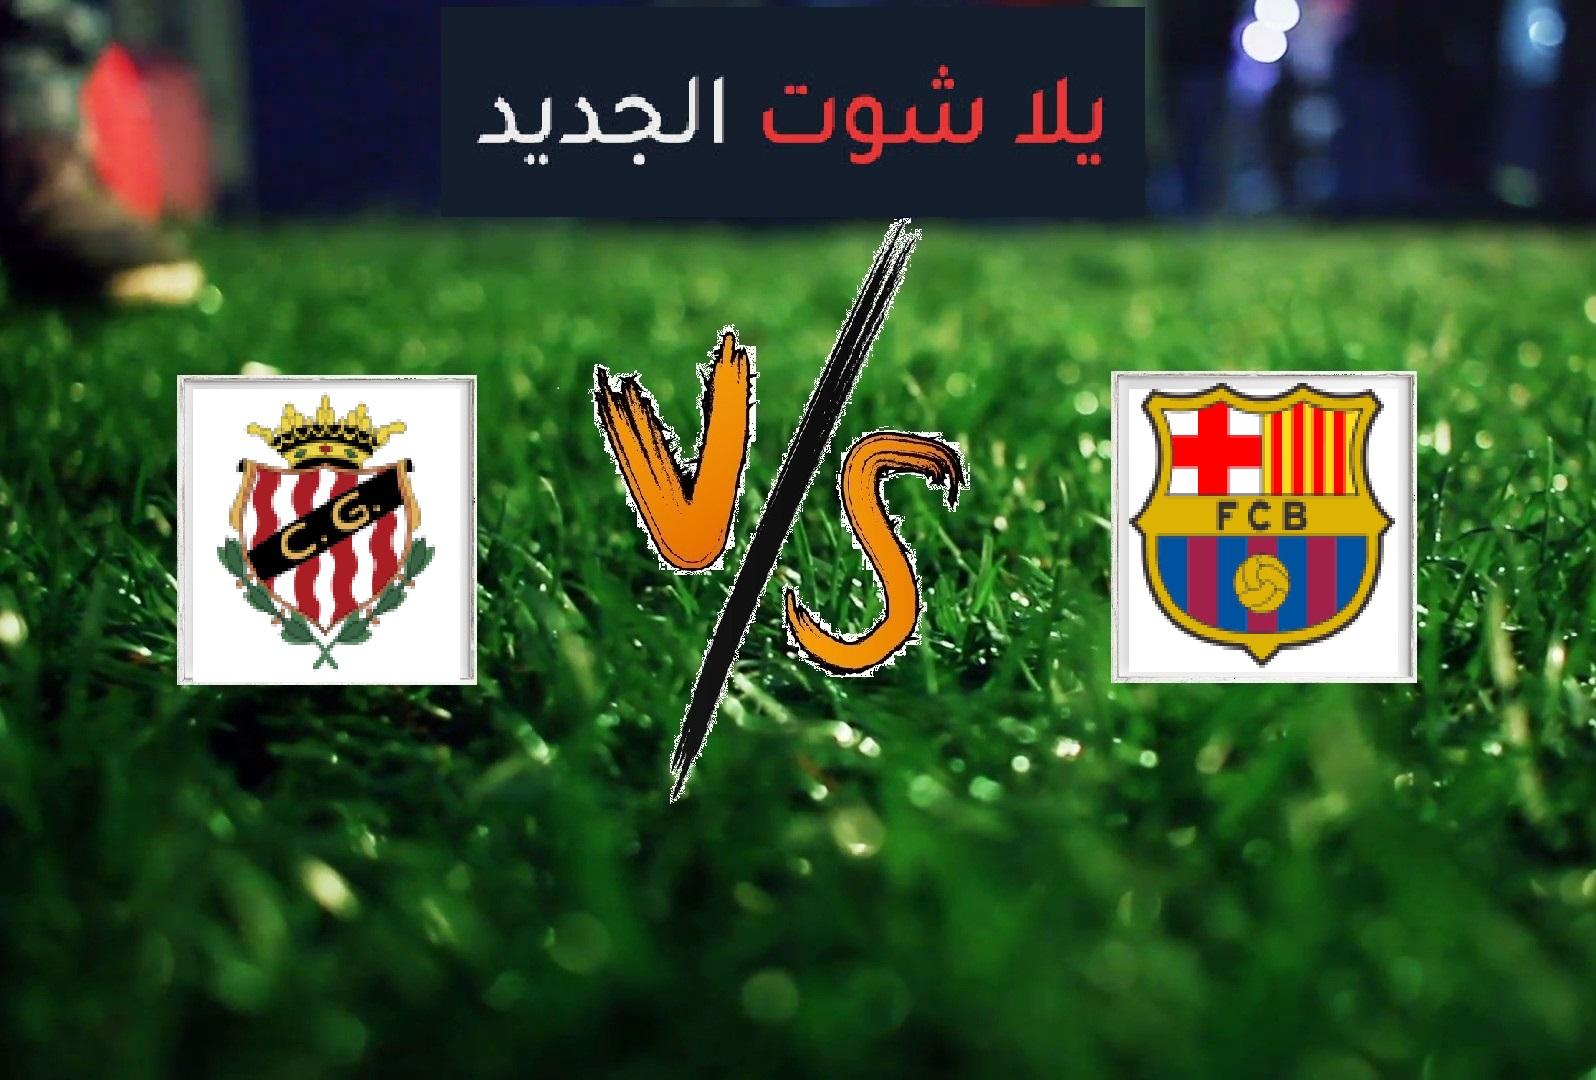 نتيجة مباراة برشلونة وخيمناستيك اليوم السبت بتاريخ 12-09-2020 مباراة ودية